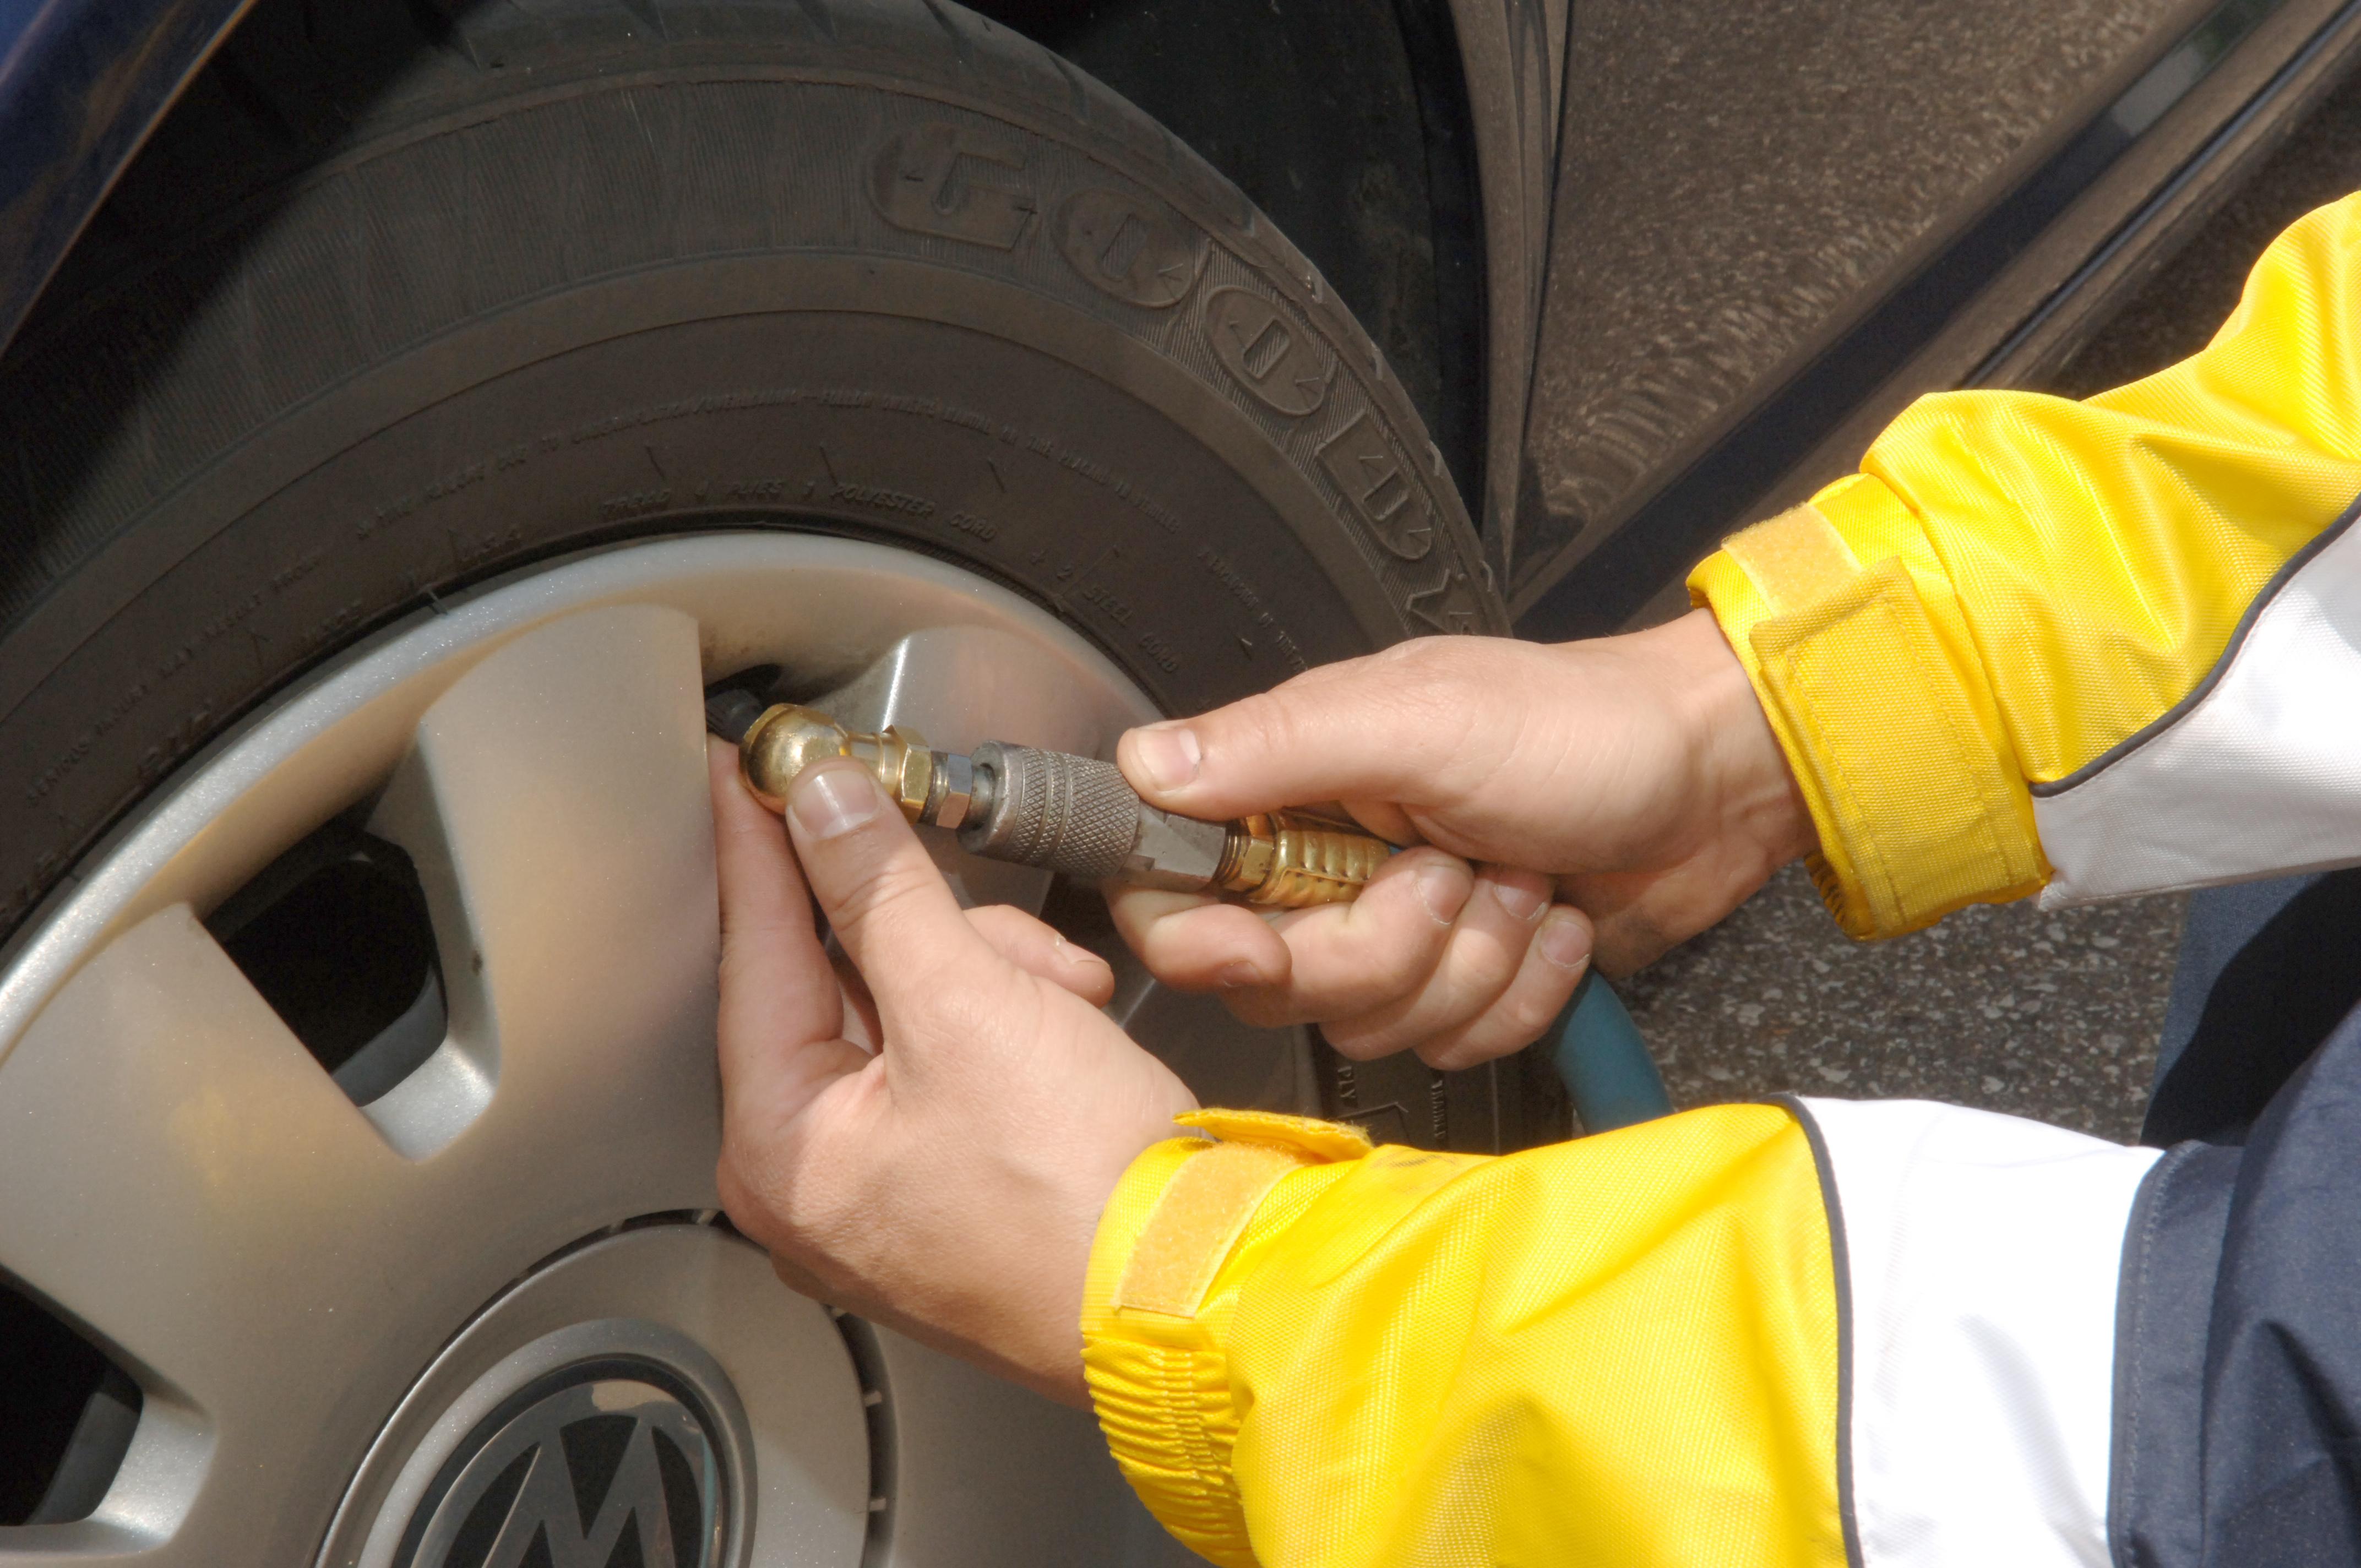 Homem posiciona ponta do compressor no bico do pneu para fazer a calibragem